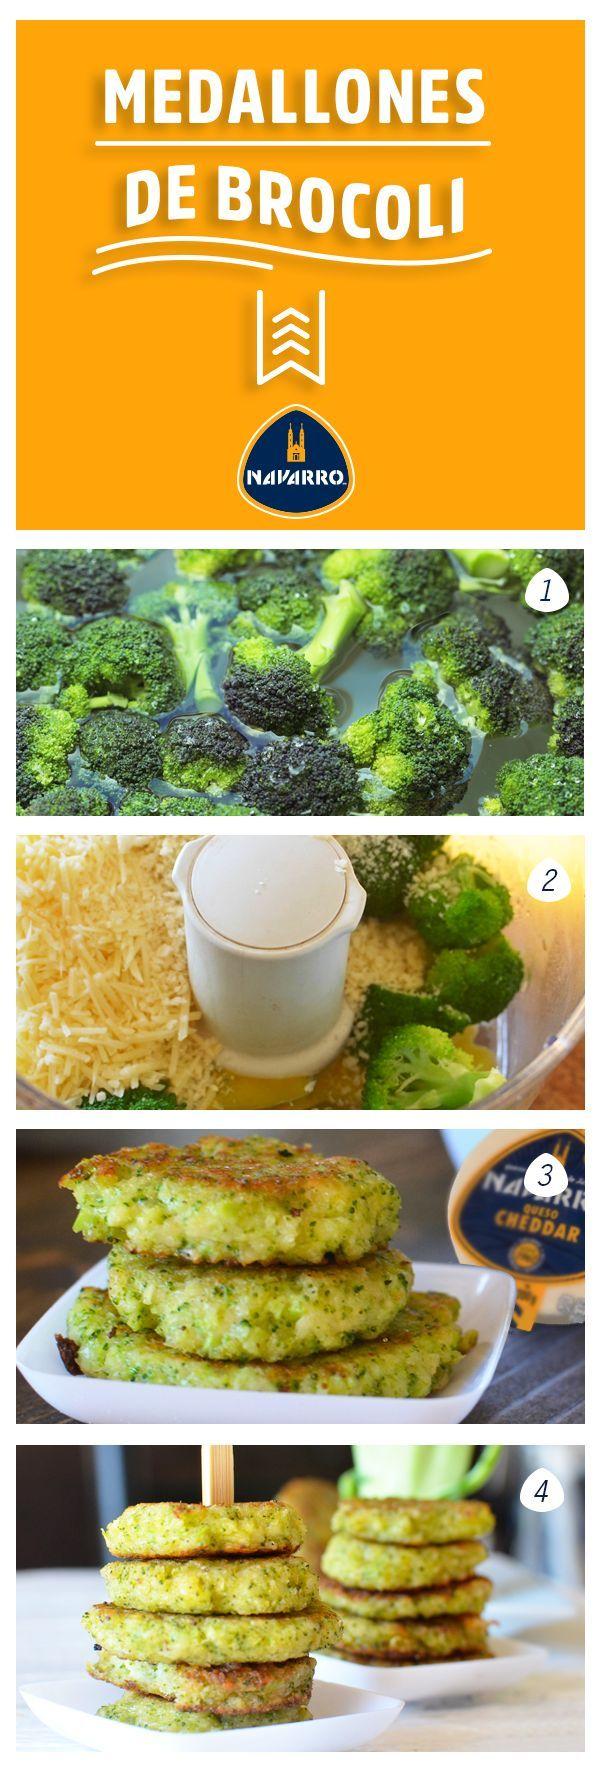 Y para acompañar platillos con verduras: Medallones de brócoli.   1-Hierve dos tazas de brócoli. 2-Licúa: el brócoli, dos huevos grandes, media taza de pan molido y media taza de Queso Cheddar NAVARRO. 3- Usando una cuchara forma bolitas con la mezcla y fríe, aplastándolas con la espátula. 4. Una vez lista sírvelas calientes.   https://lomejordelaweb.es/